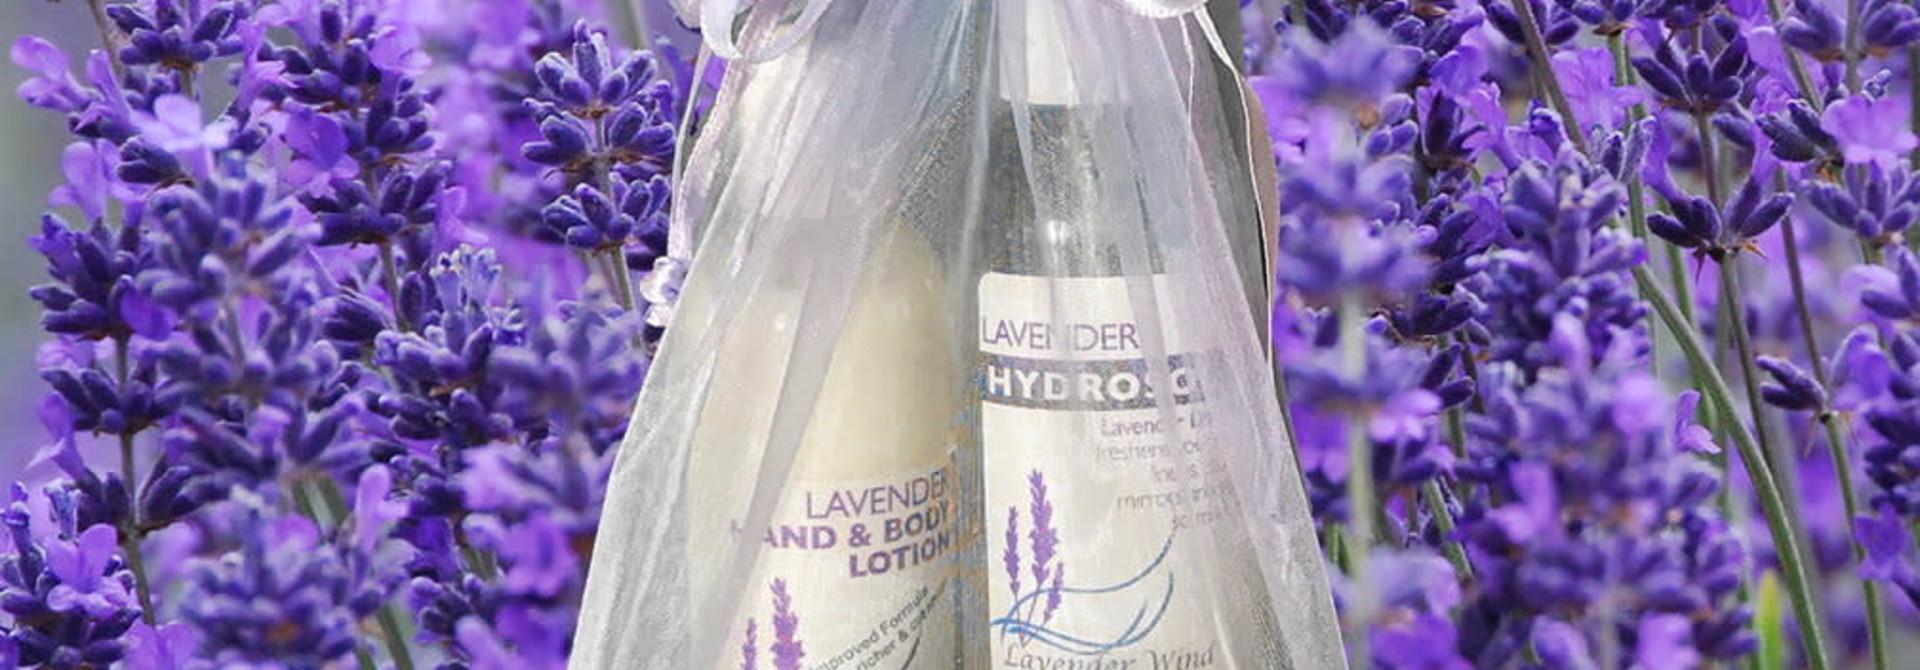 Gift Bag:  Skin Rejuvenation Kit